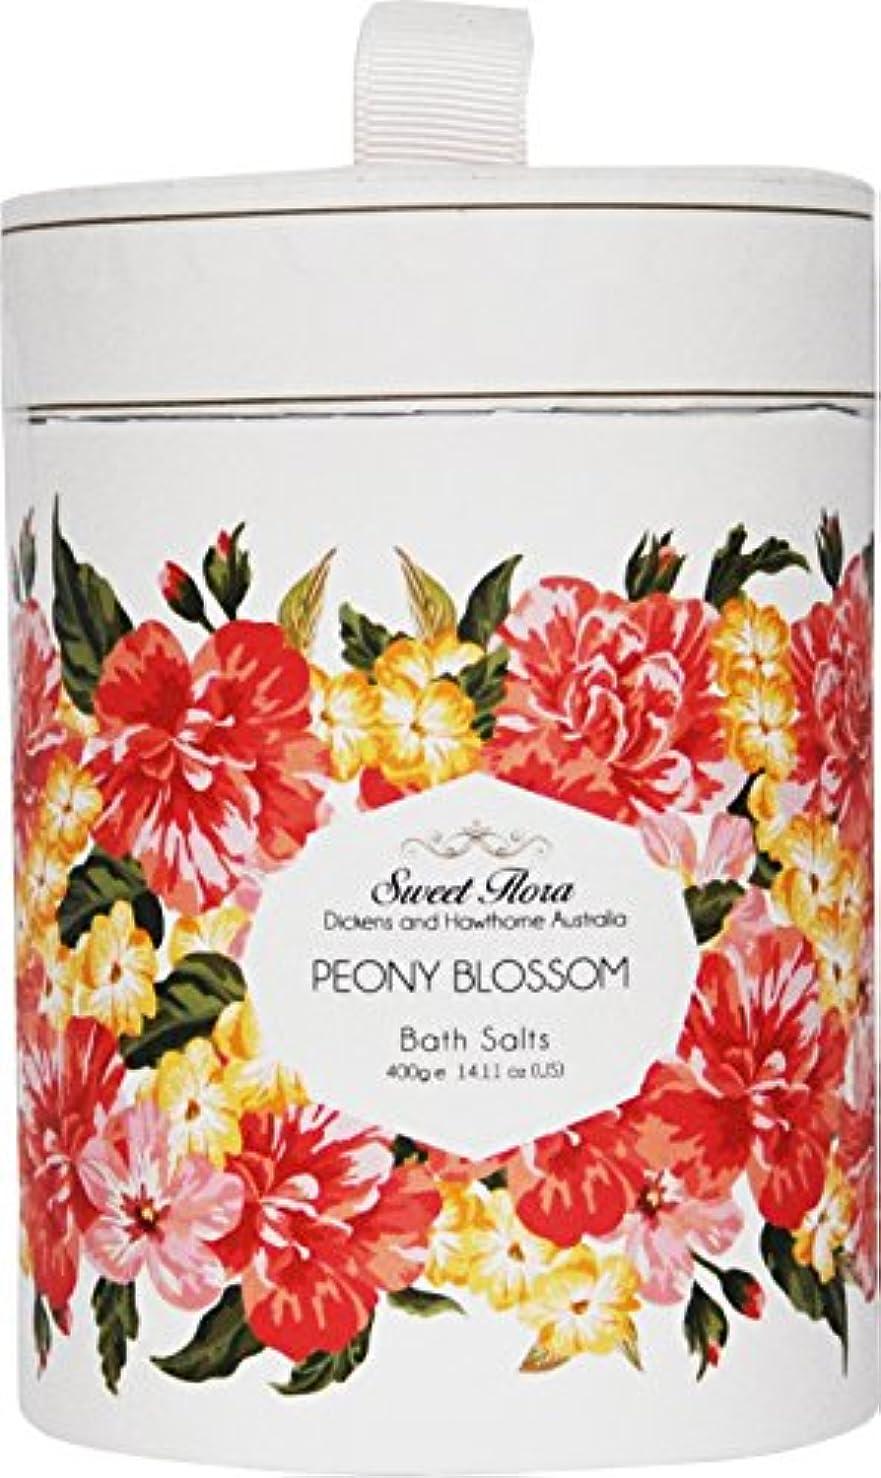 はしご集計分解するSweet Flora スウィートフローラ Bath Salt バスソルト Peony Blossom ピオニーブロッサム